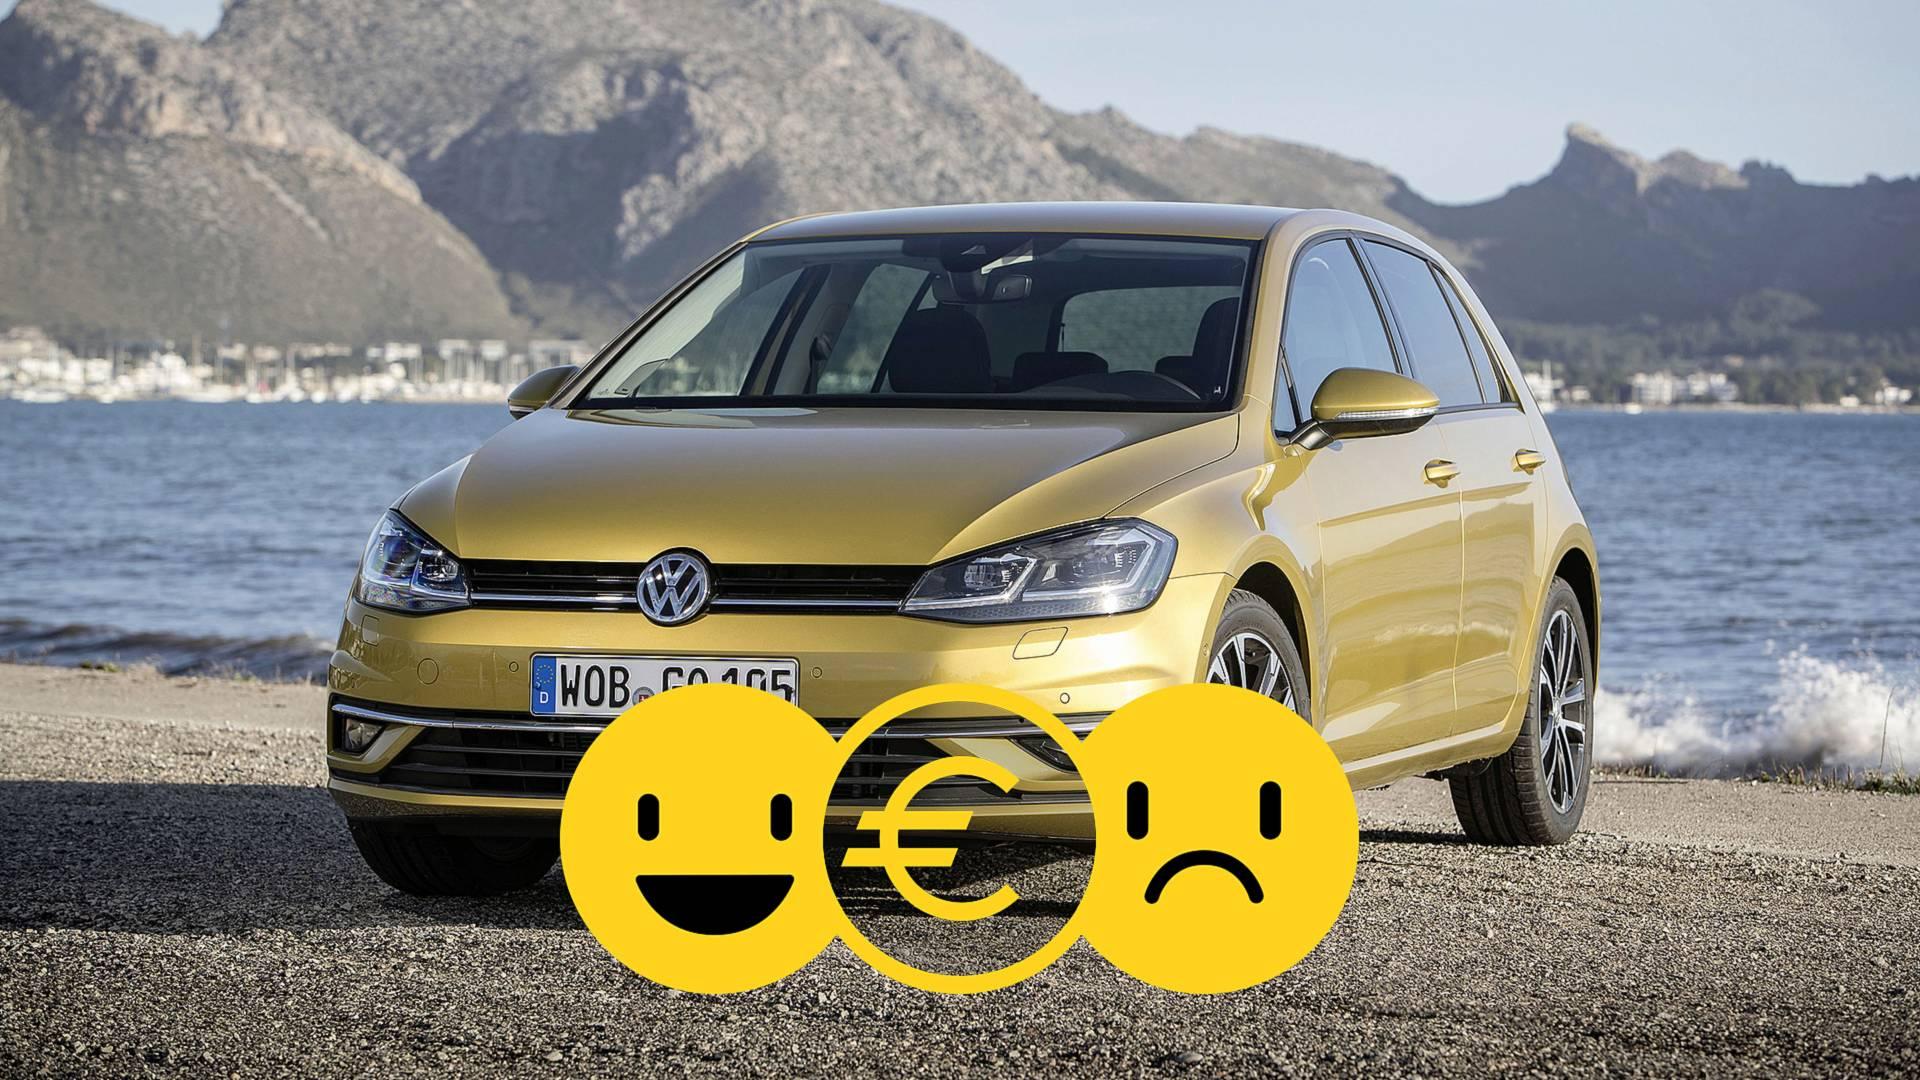 Promozione Volkswagen Golf Con Noleggio A Lungo Termine Perché